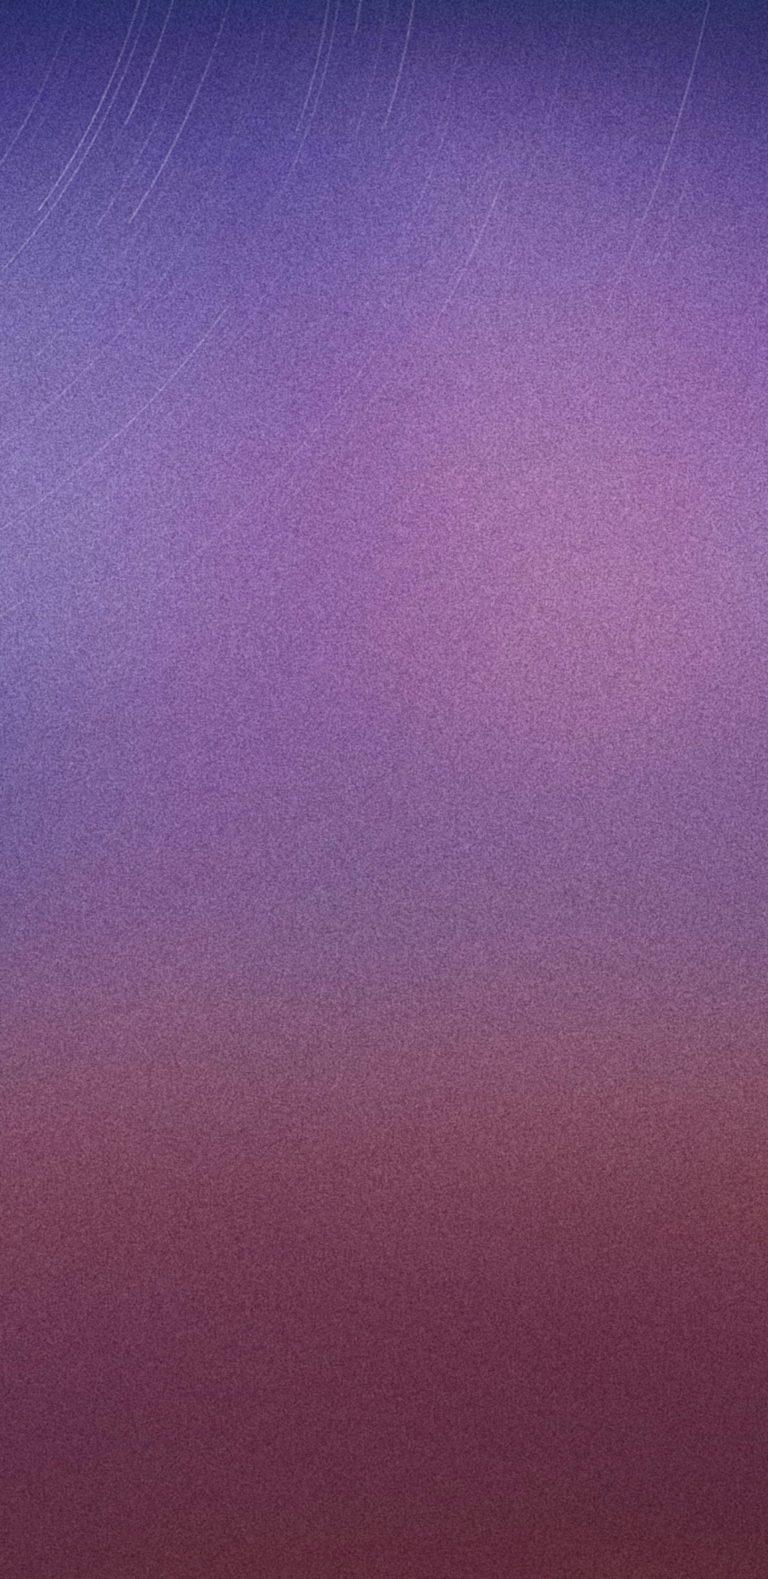 1440x2960 HD Wallpaper 056 768x1579